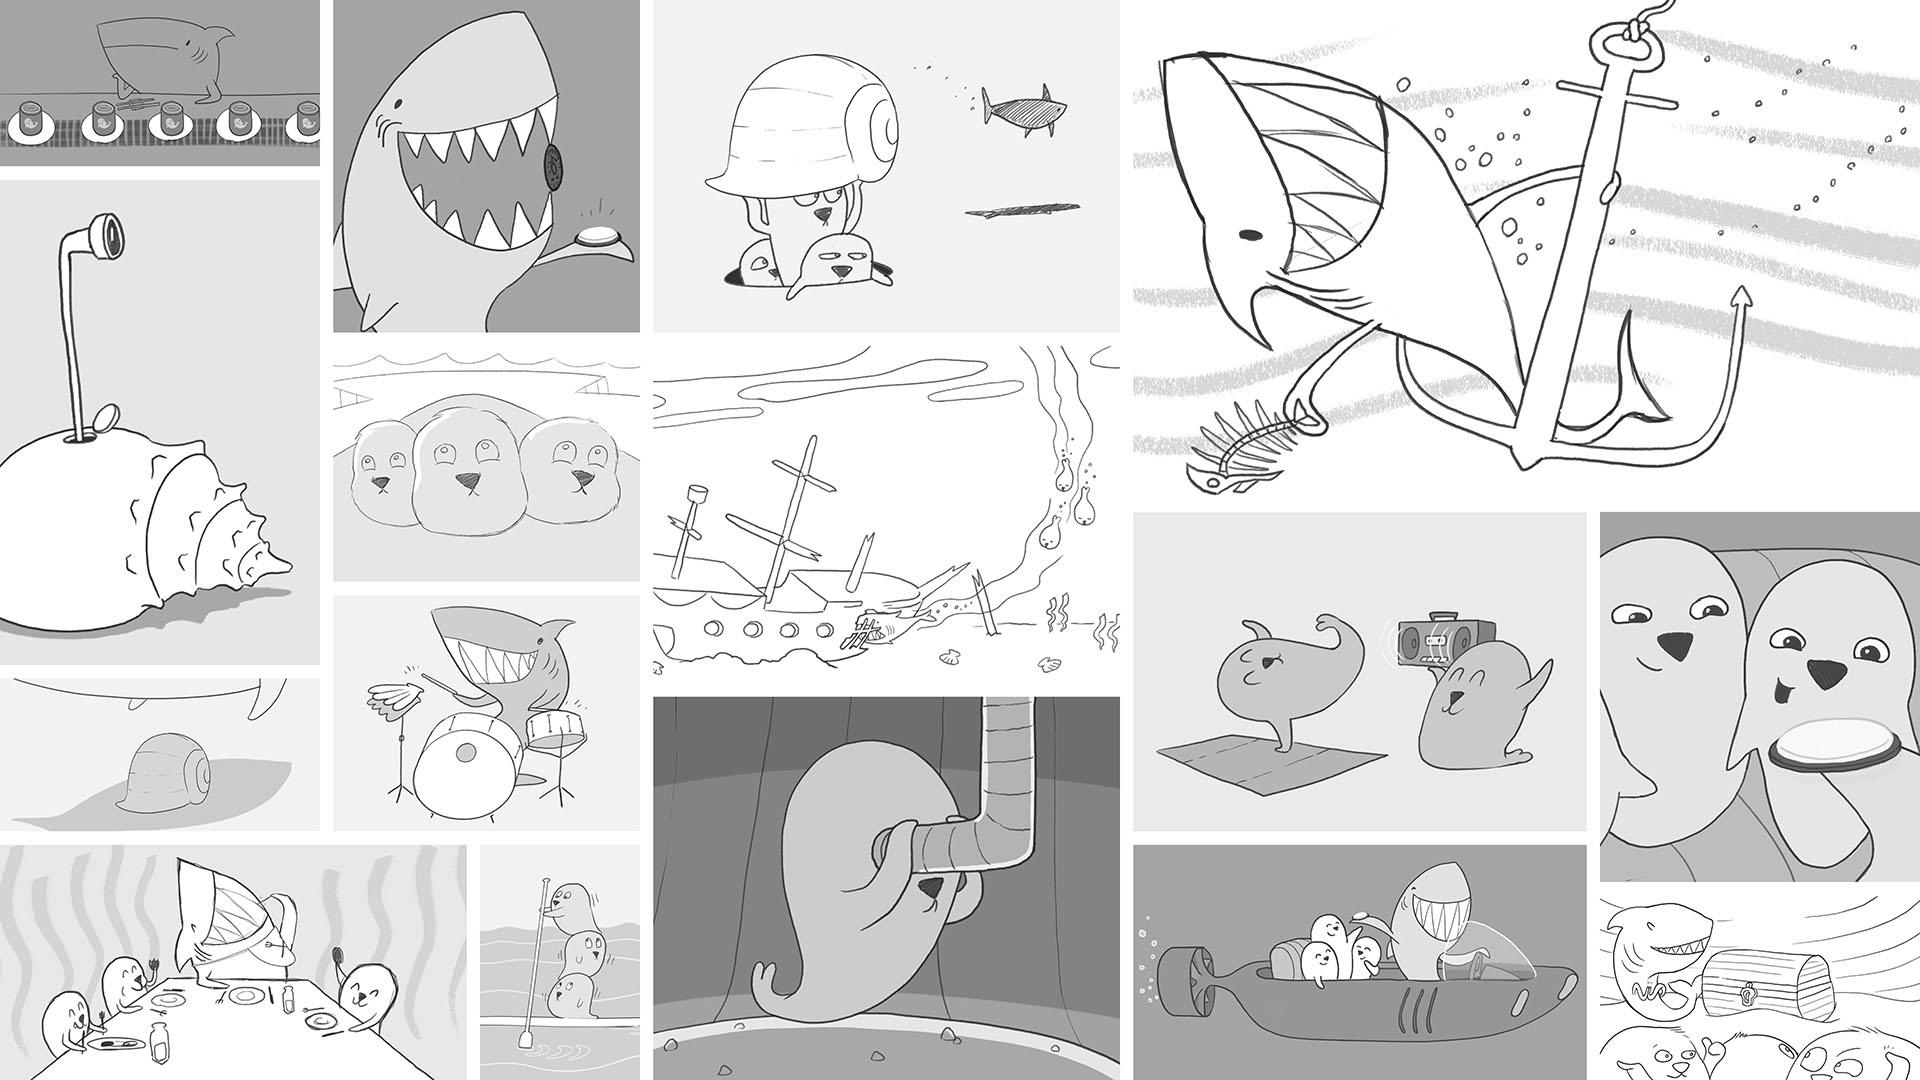 OREO_Shark-StoryDev_jb_01_Page_09.jpg